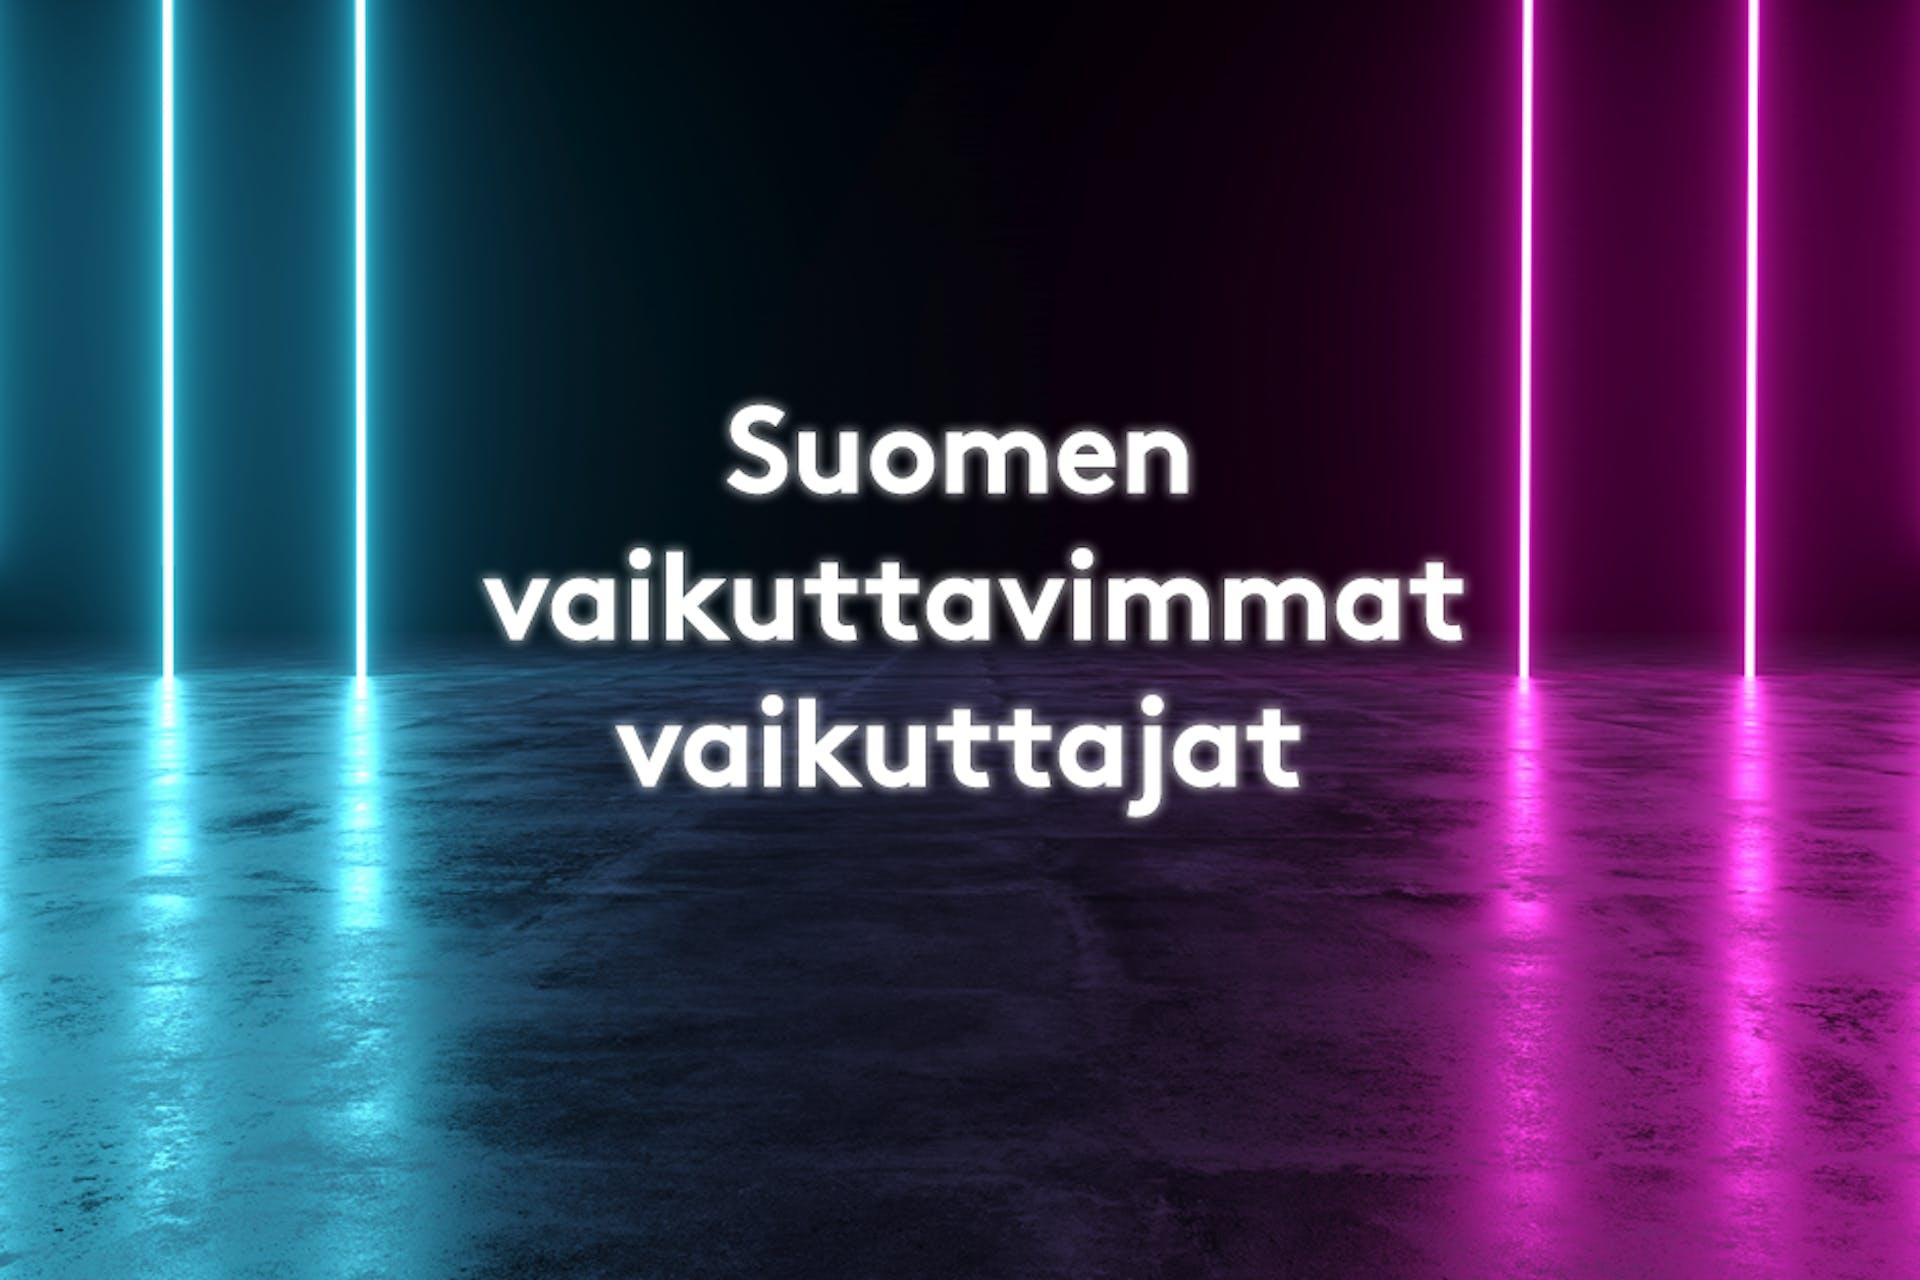 """""""Suomen vaikuttavimmat vaikuttajat"""" -listaus"""